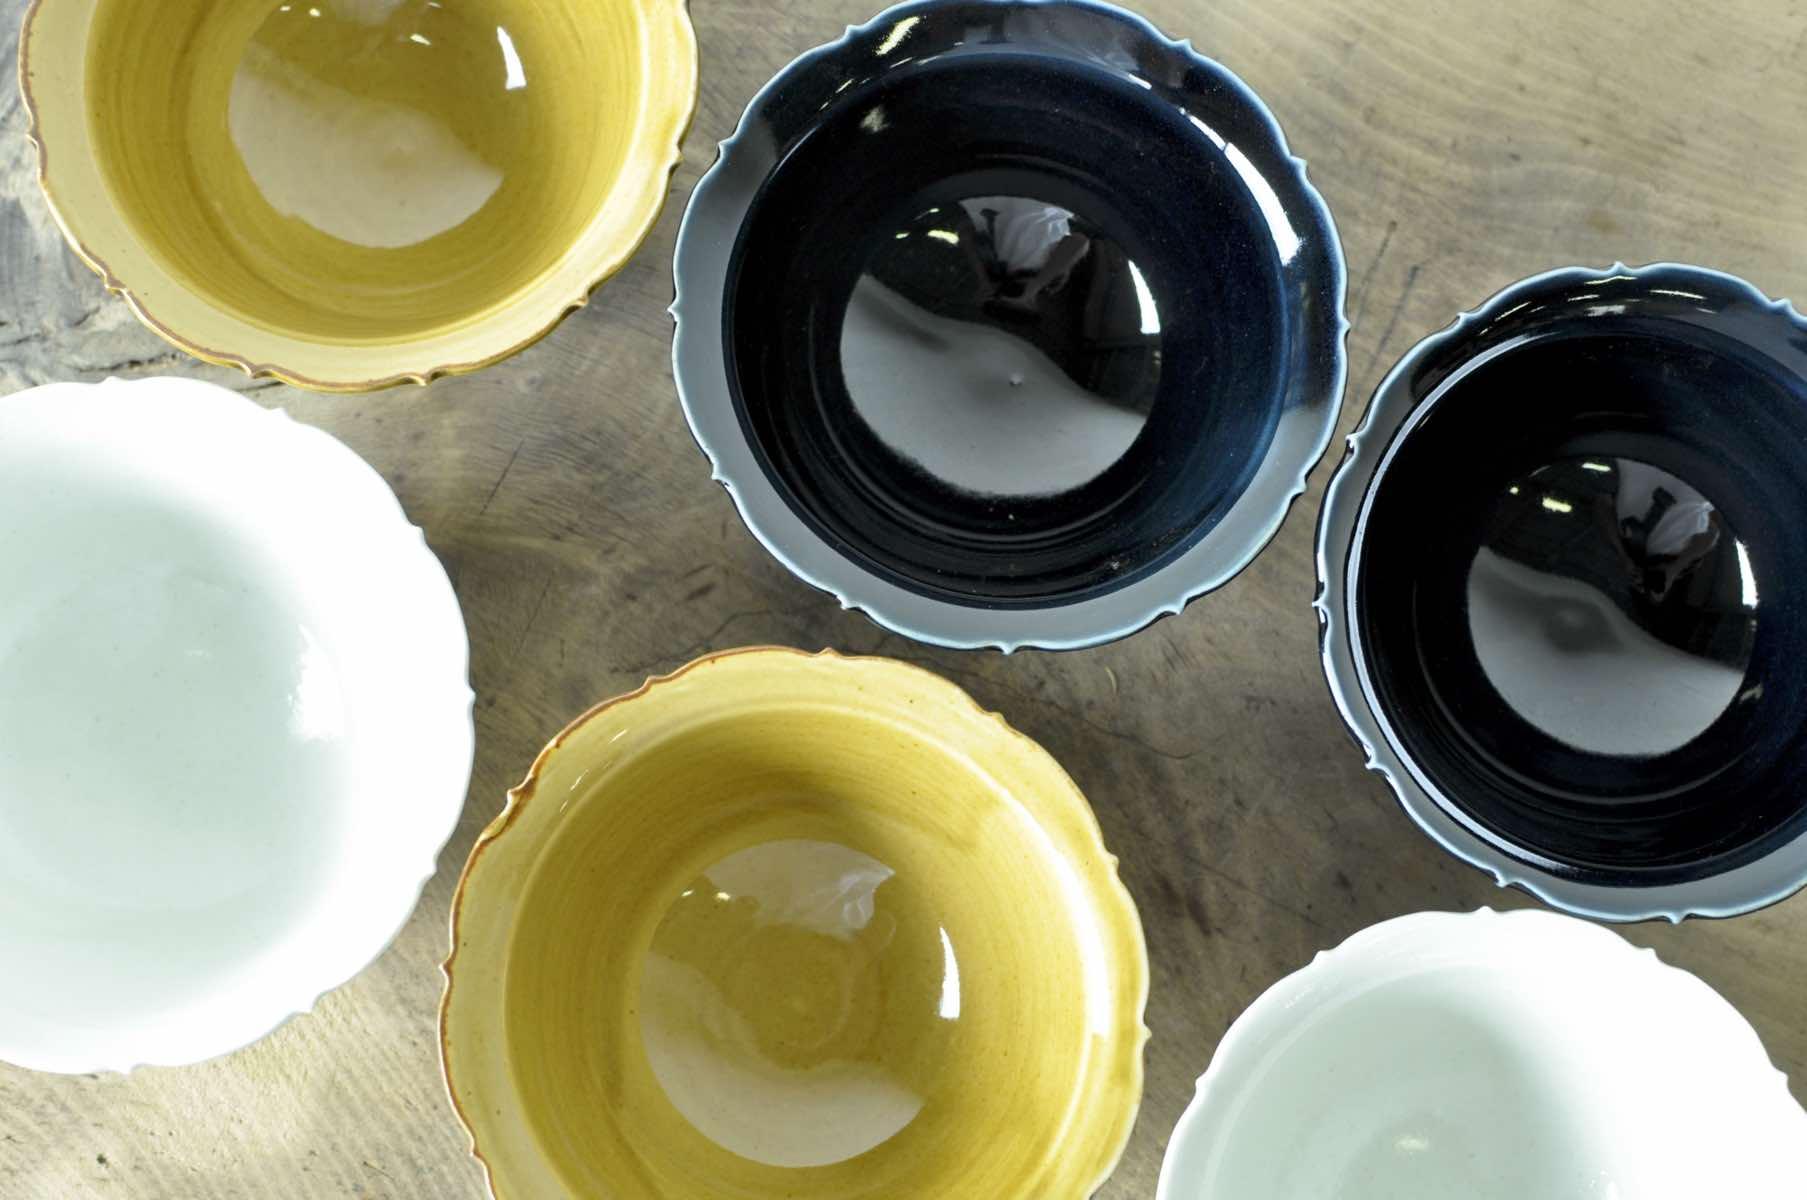 長野県の陶芸家阿部春弥さんの器